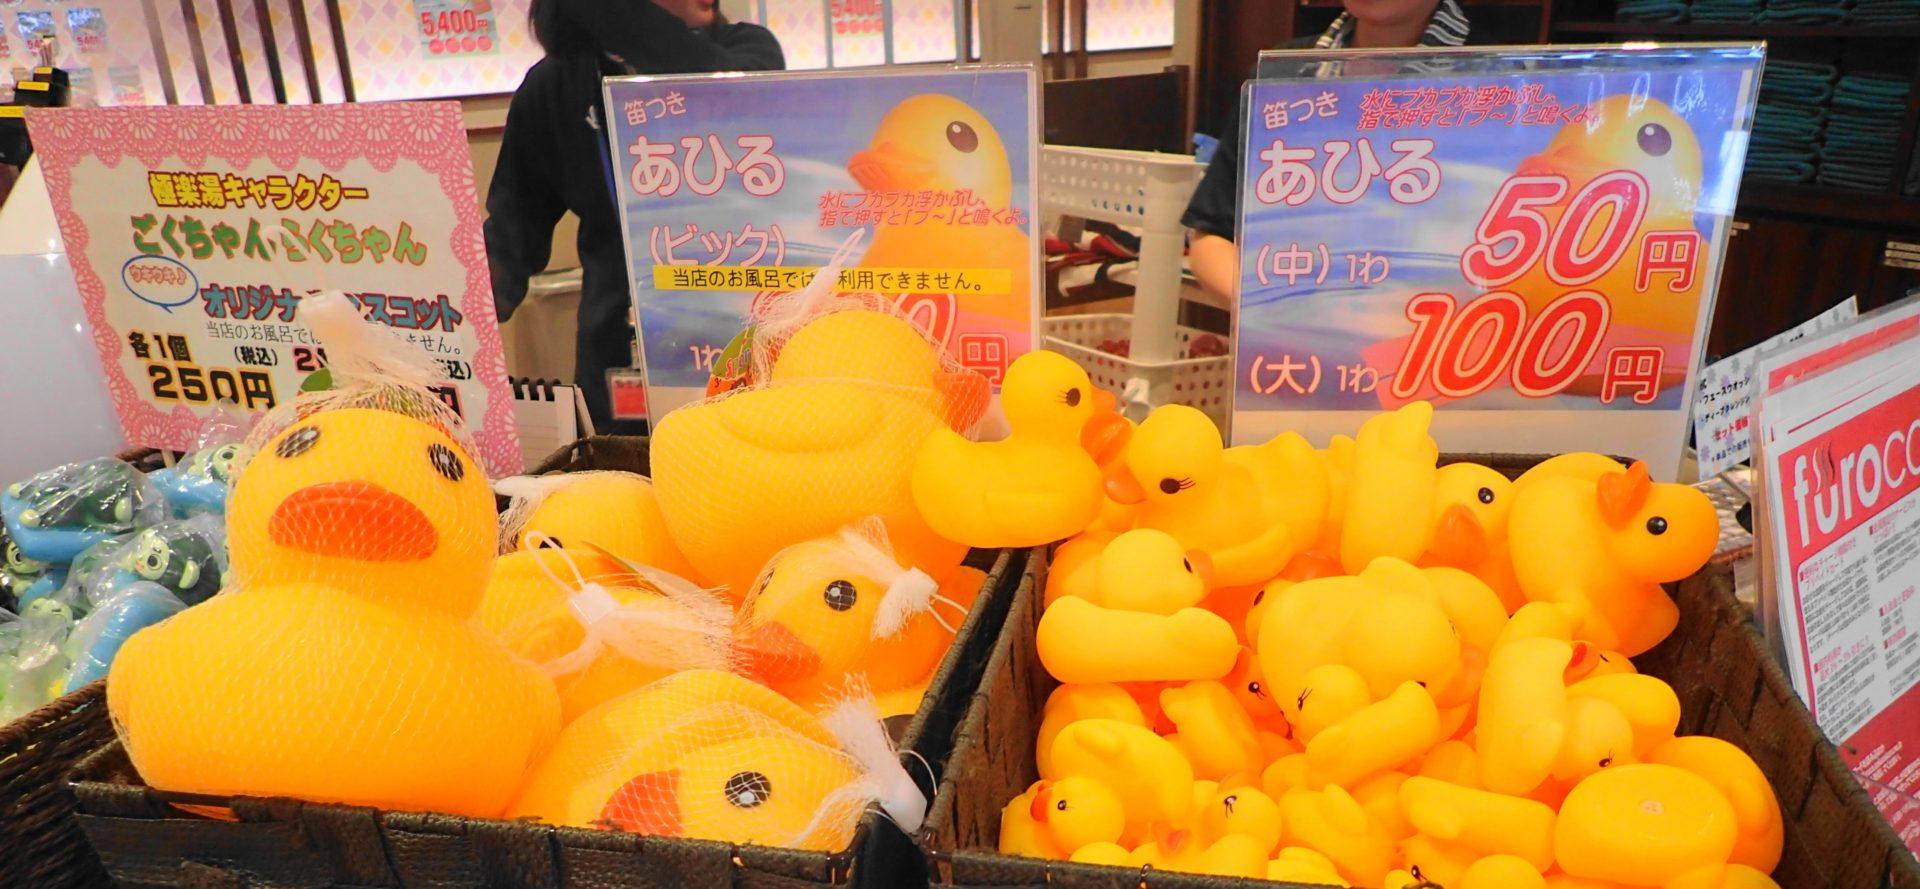 極楽湯 水戸   店舗数日本一の風呂でのんびり【クーポン情報あり!!】